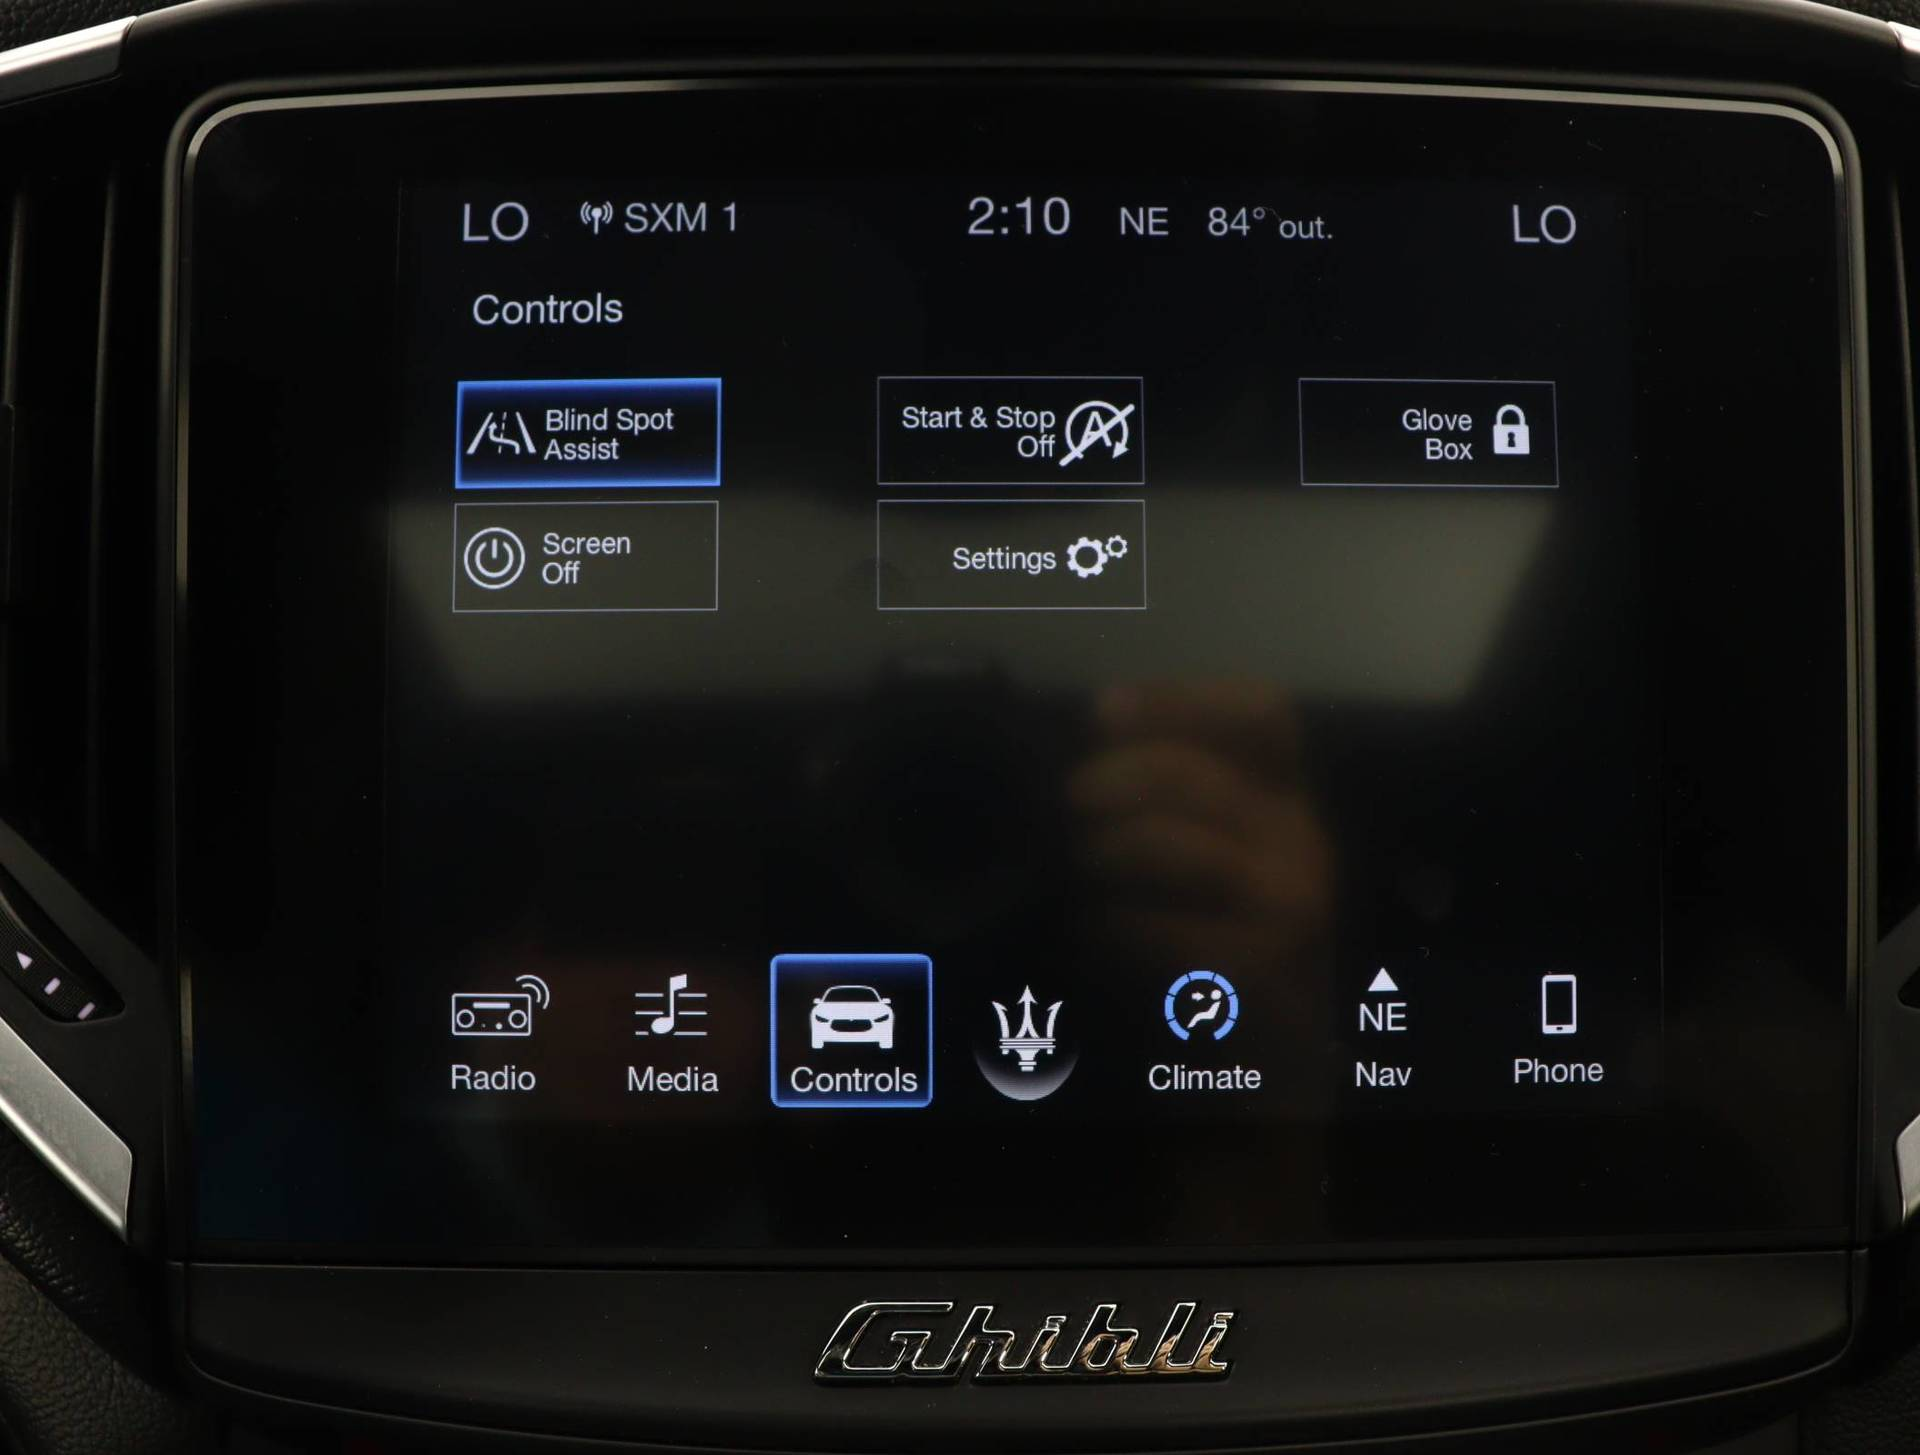 used vehicle - Sedan MASERATI GHIBLI 2018